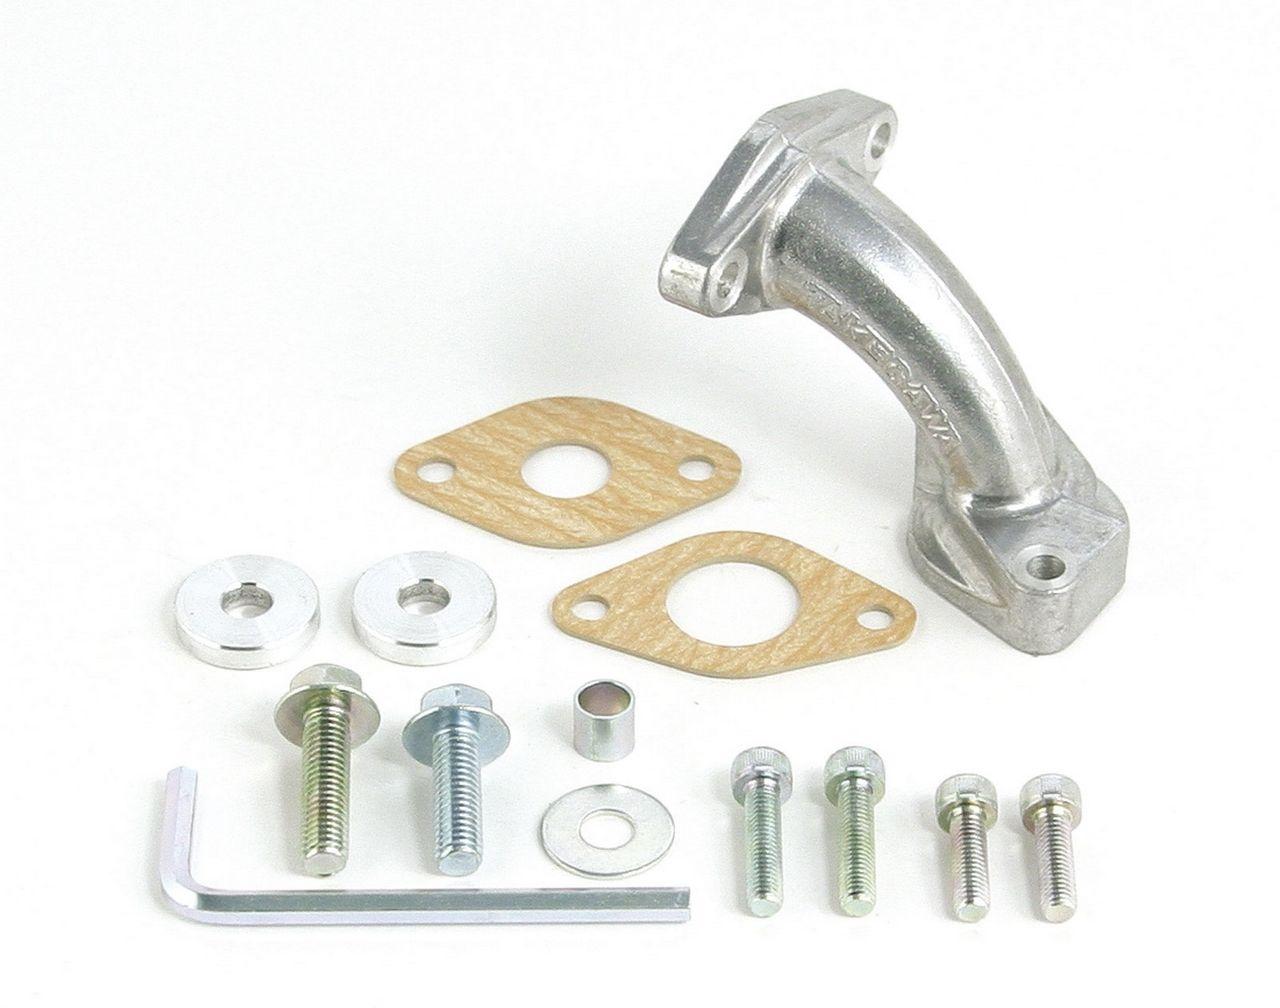 進氣歧管套件(PC18)